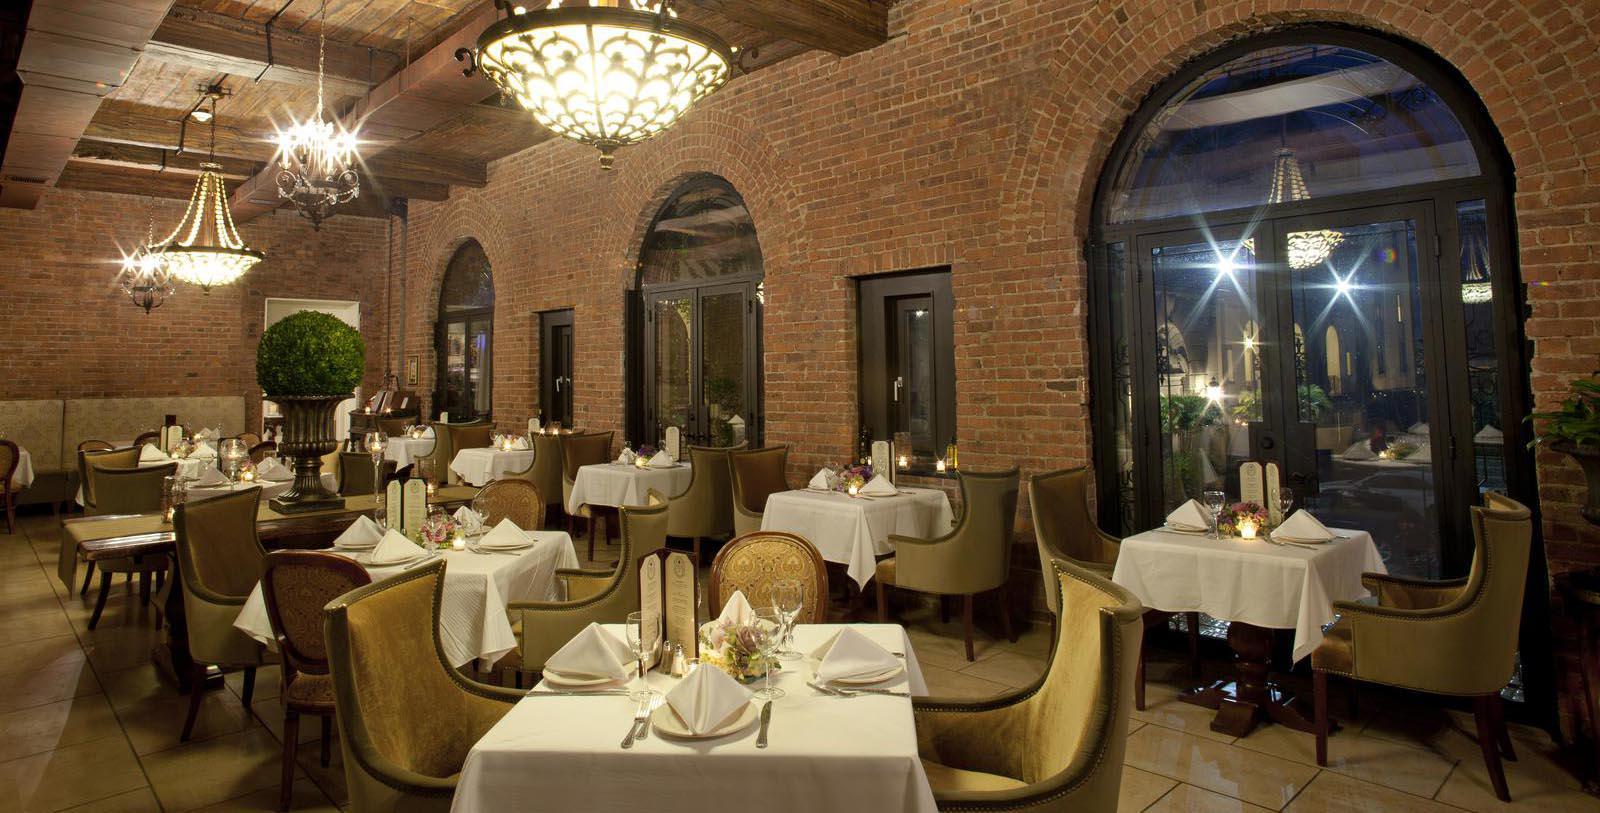 Image of OHK Bar & Restaurant, OHEKA CASTLE, Huntington, New York, 1919, Member of Historic Hotels of America, Taste